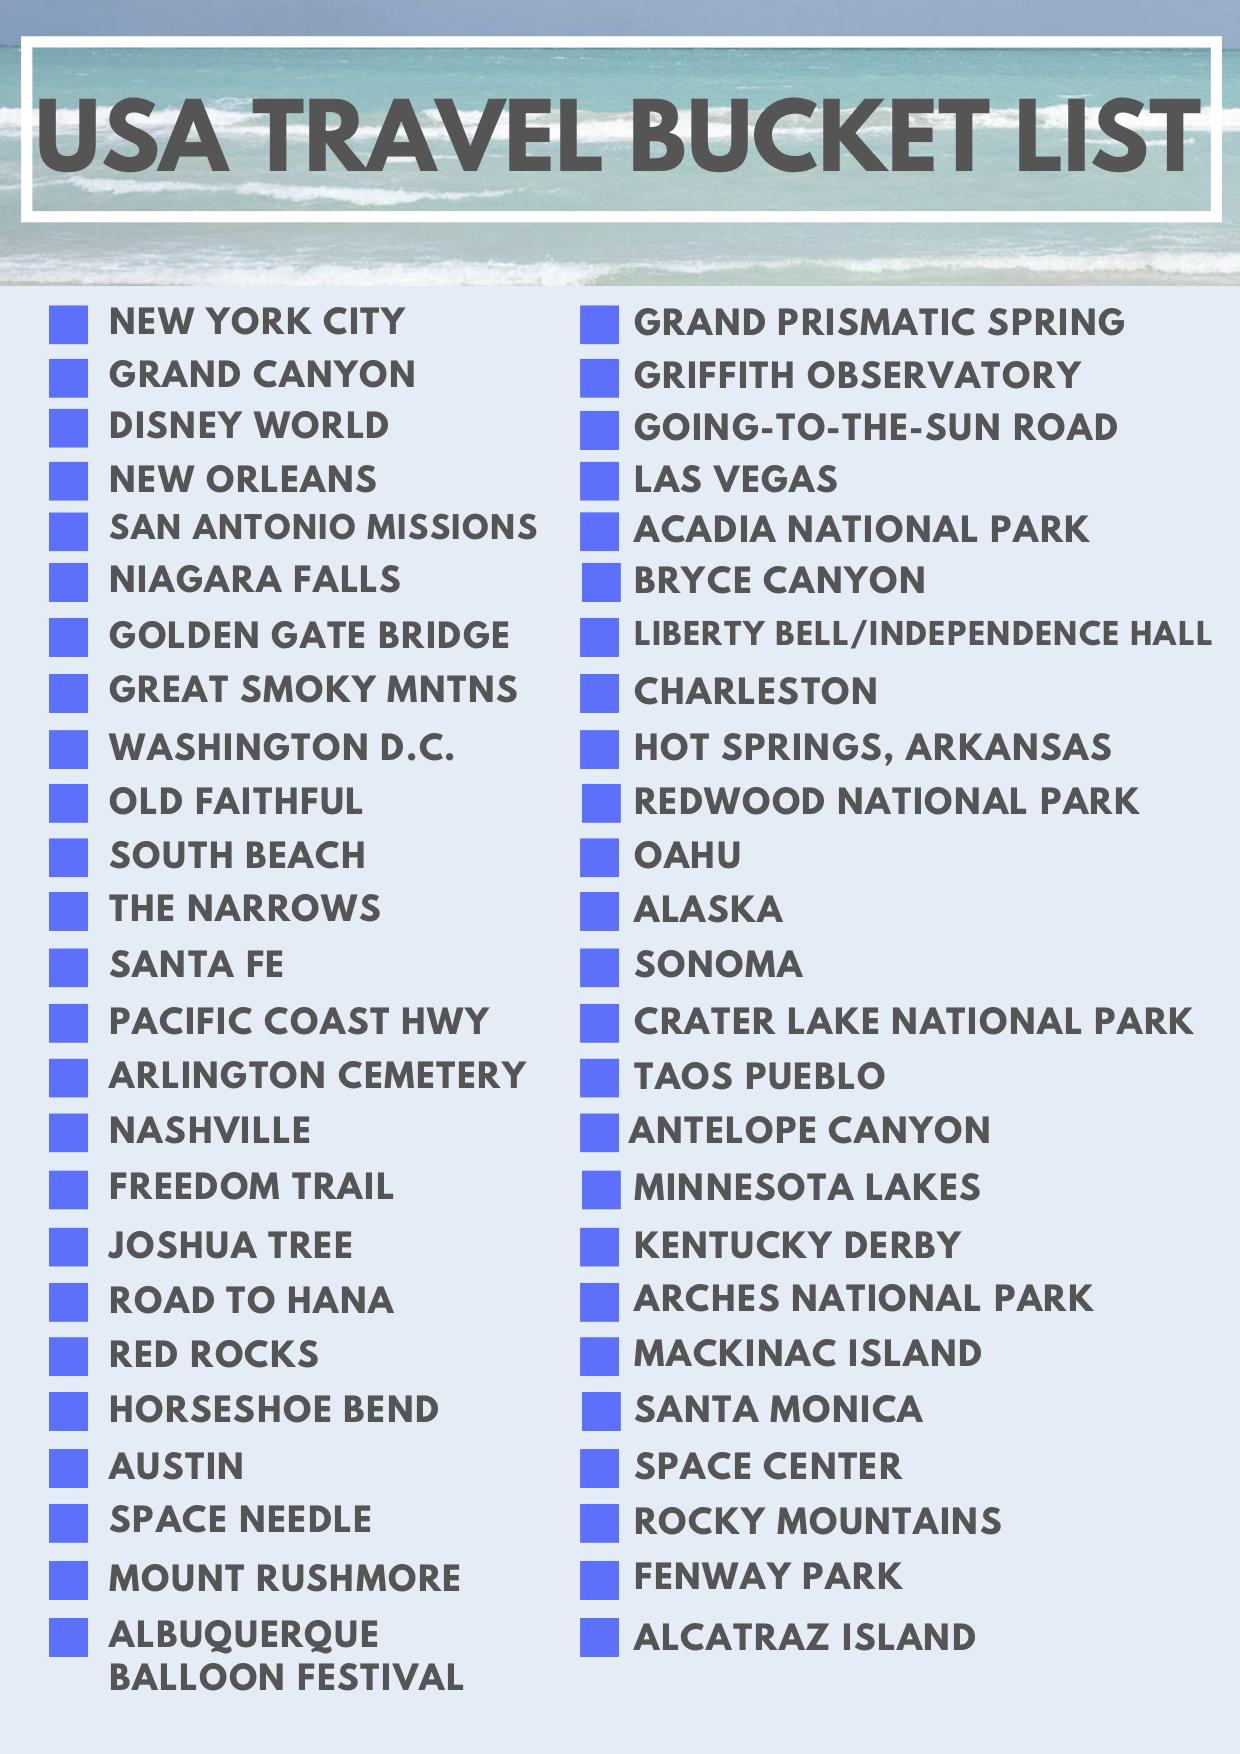 USA Travel Bucket List Checklist